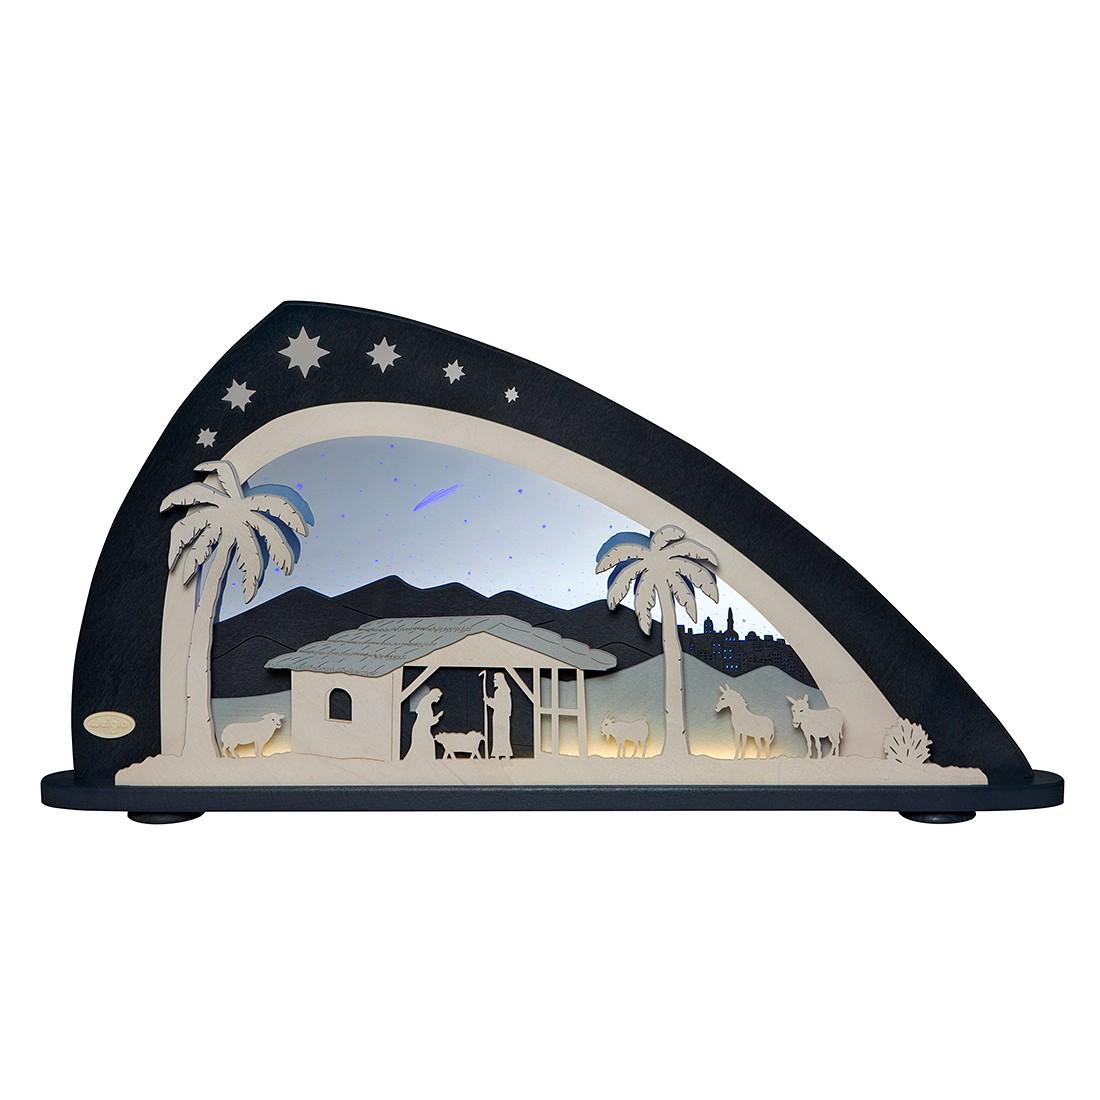 EEK A+, Tischleuchte LED Schwibbogen – Holz/Kunststoff – Grau, Weigla online kaufen